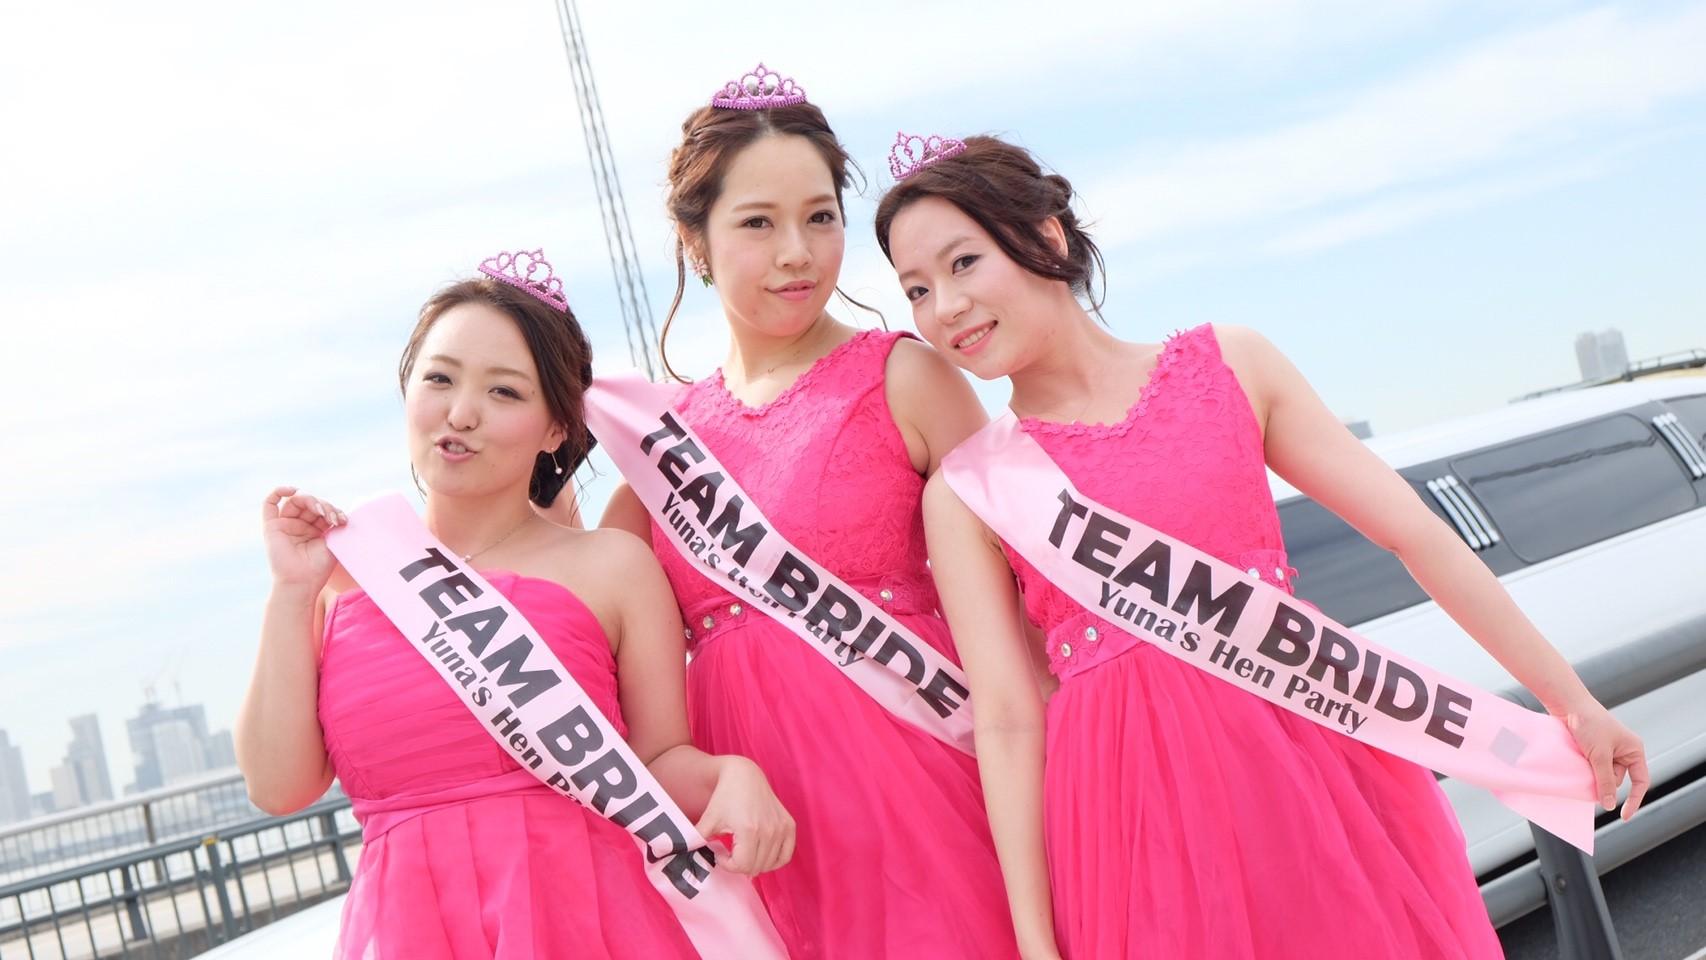 ドレスコードはピンク×リムジンパーティー